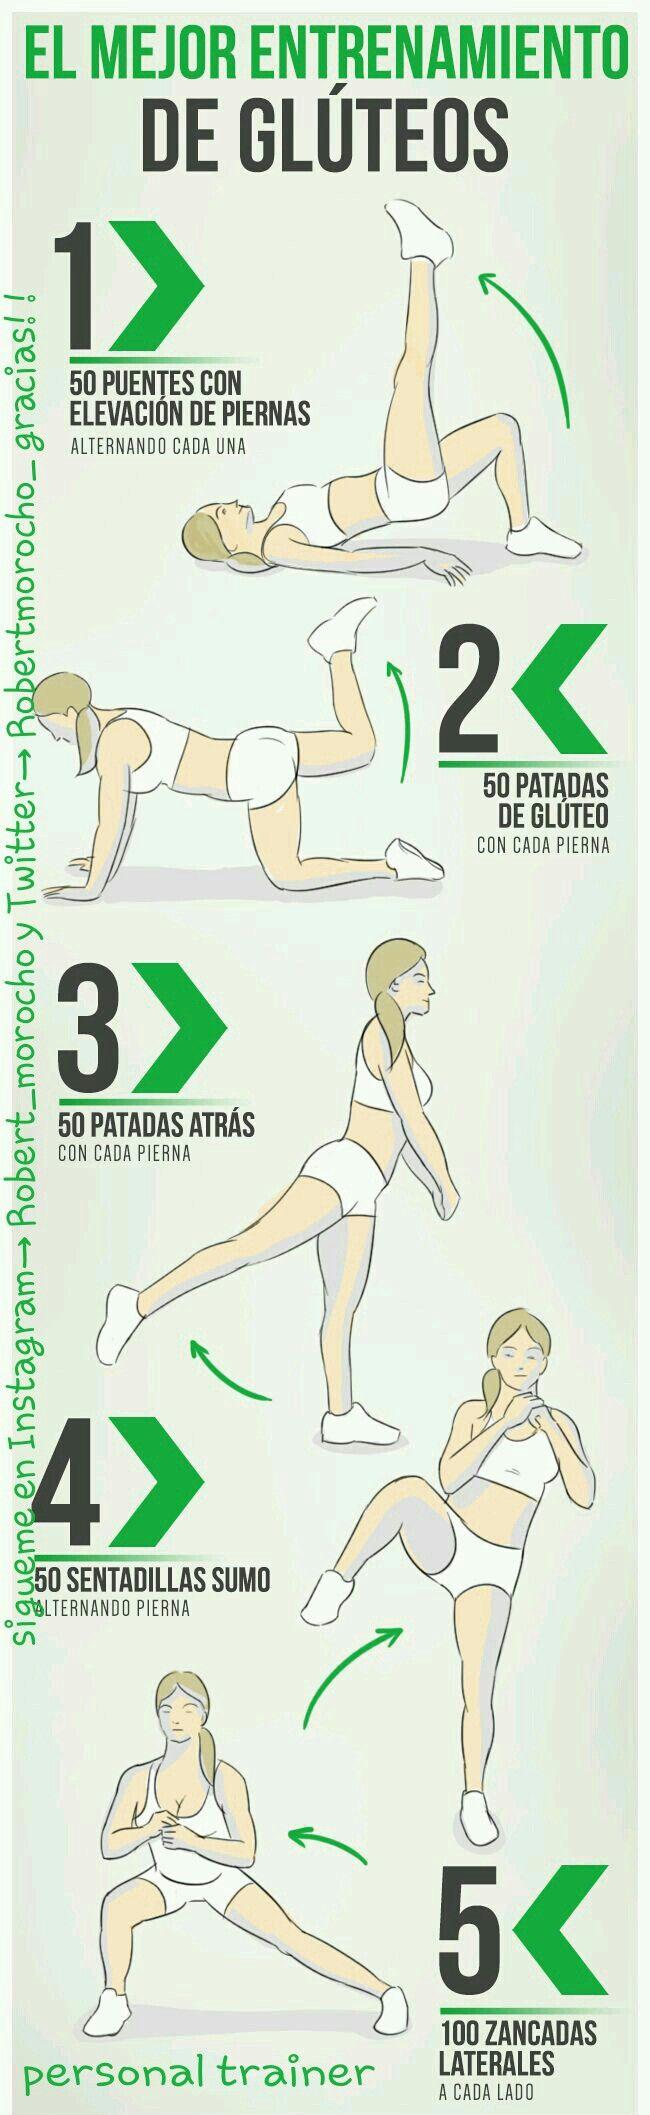 A entrenar piernas. Ejercicios simples para tonificar piernas y glúteos sin necesidad de gimnasio!! #Academia #Fitness #Corpo #Emagrecer #BoaForma #Forminhas #Dicas #Musculação #Saúde #BemEstar